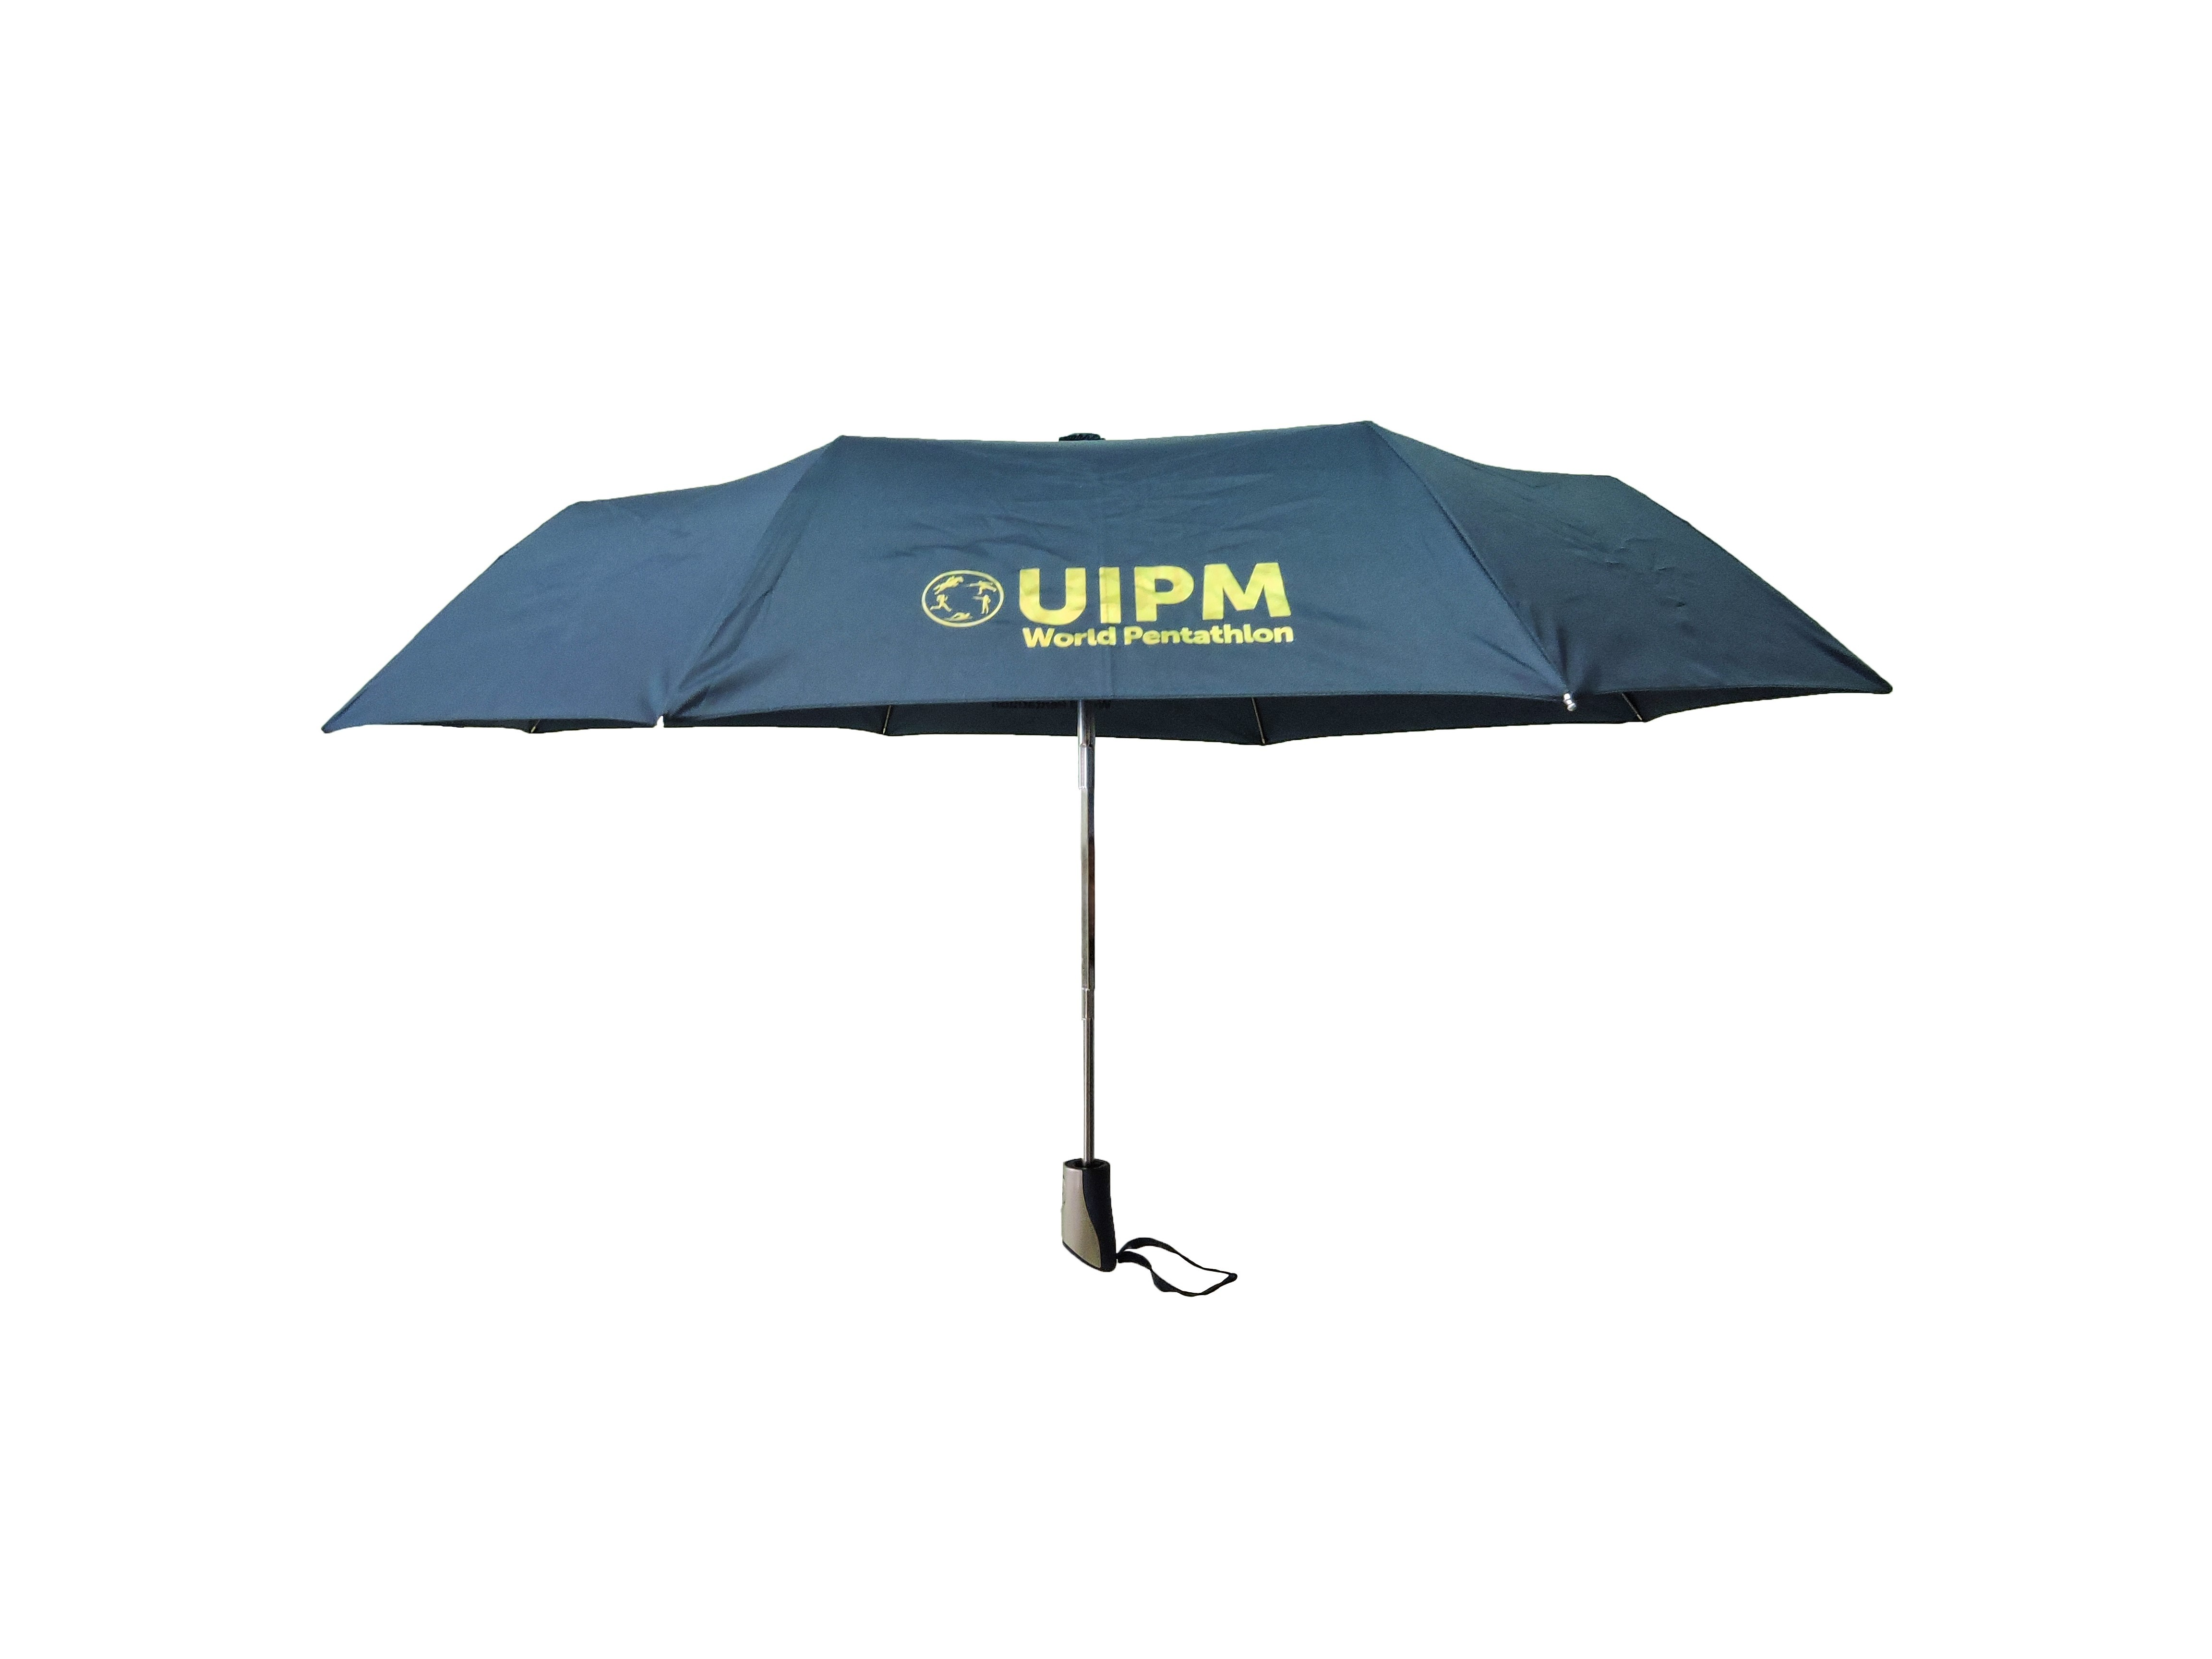 UIPM UMBRELLA